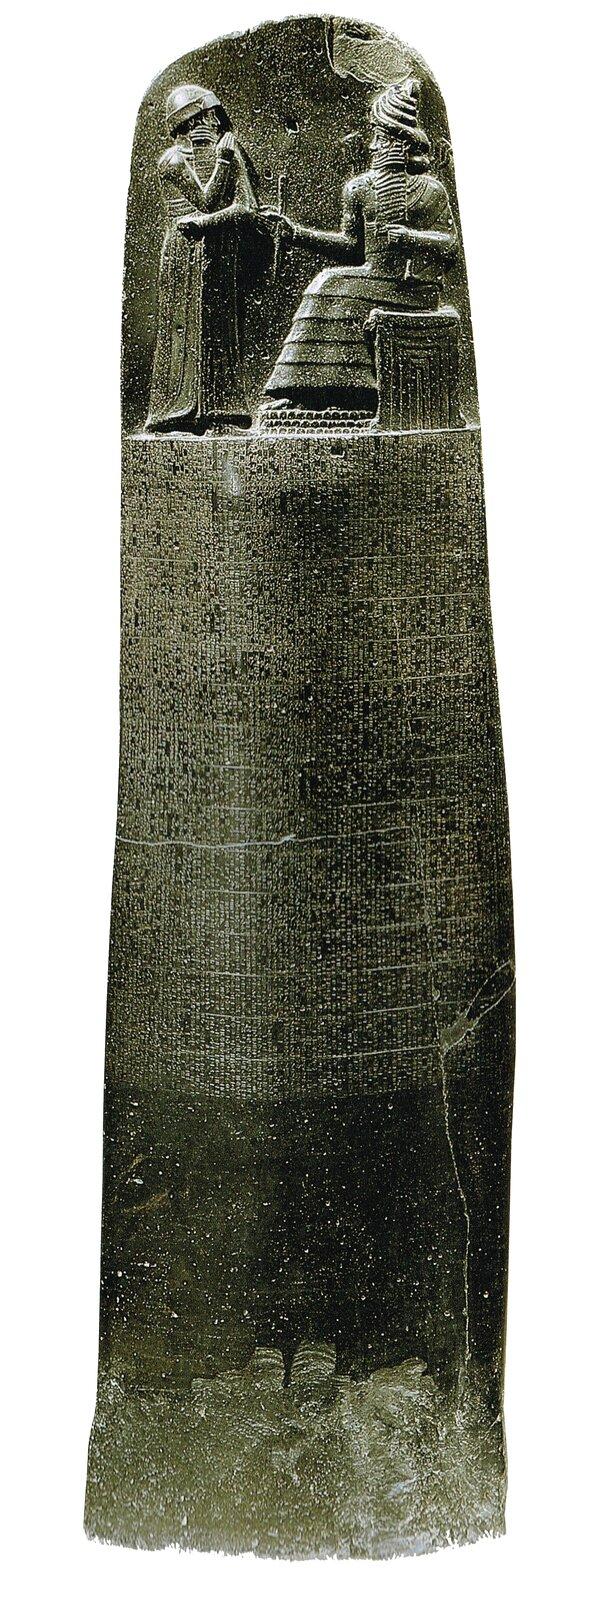 Prawa Hammurabiego zostały wyryte na kamiennym słupie, który obecnie znajduje się wLuwrze wParyżu Prawa Hammurabiego zostały wyryte na kamiennym słupie, który obecnie znajduje się wLuwrze wParyżu Źródło: Musée du Louvre, licencja: CC BY 3.0.